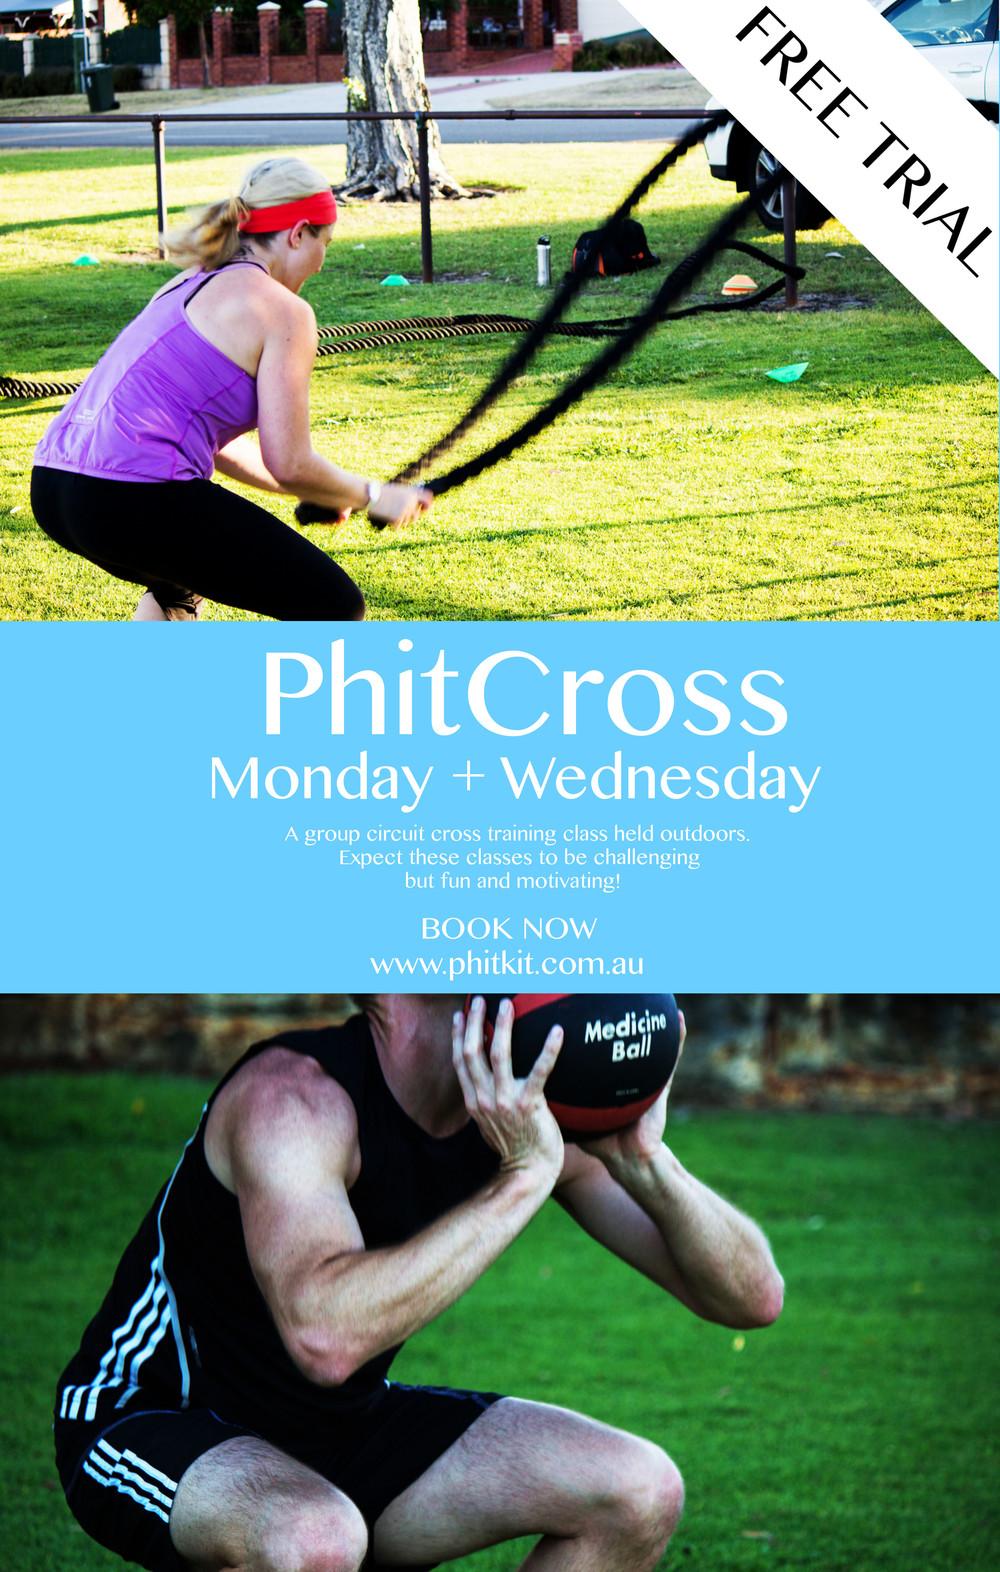 www.phitkit.com.au